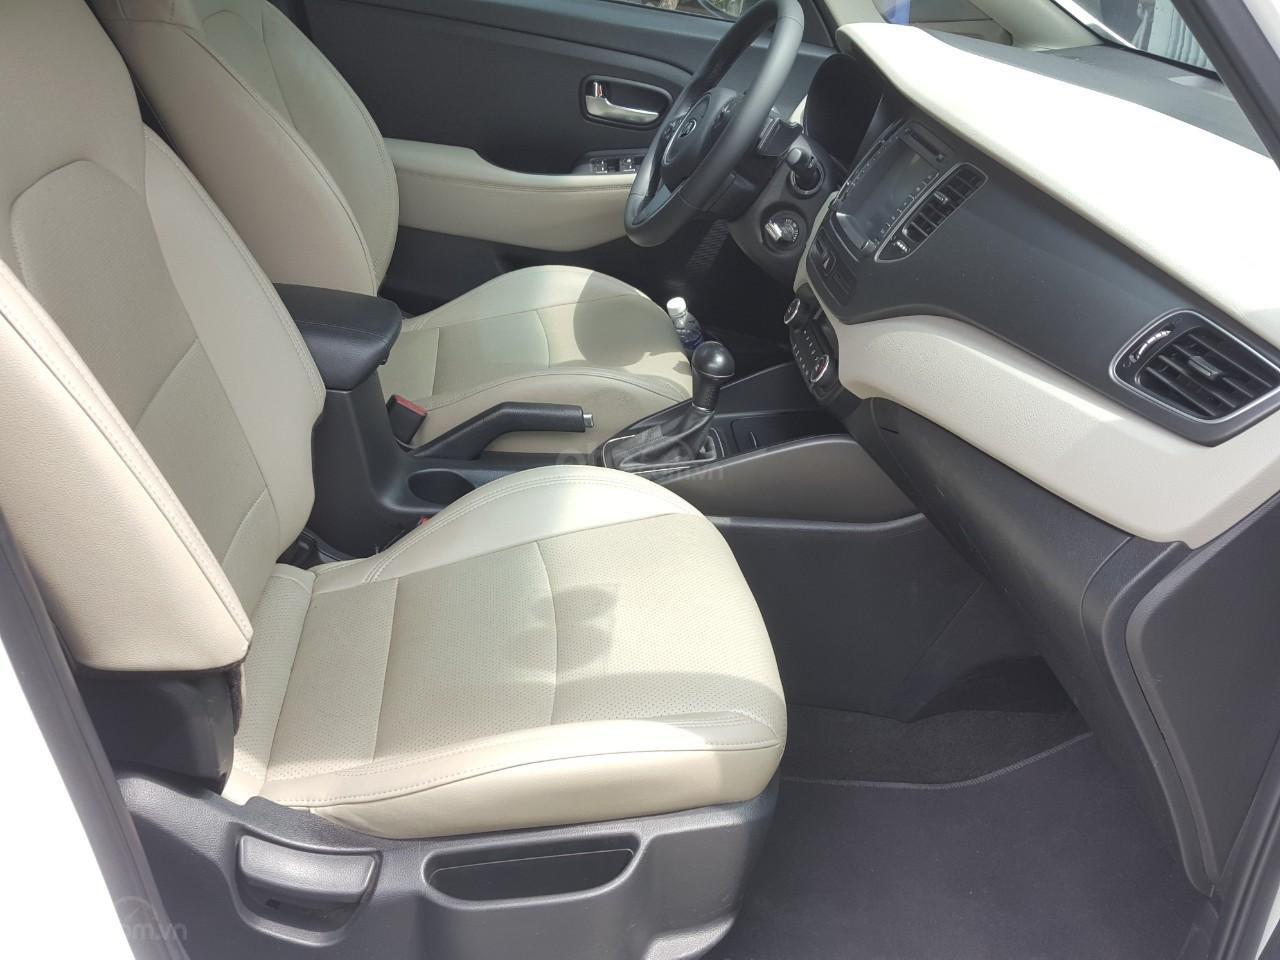 Bán Kia Rondo GAT 2.0AT màu trắng, máy xăng, số tự động, sản xuất 2018, đi 23000km (3)